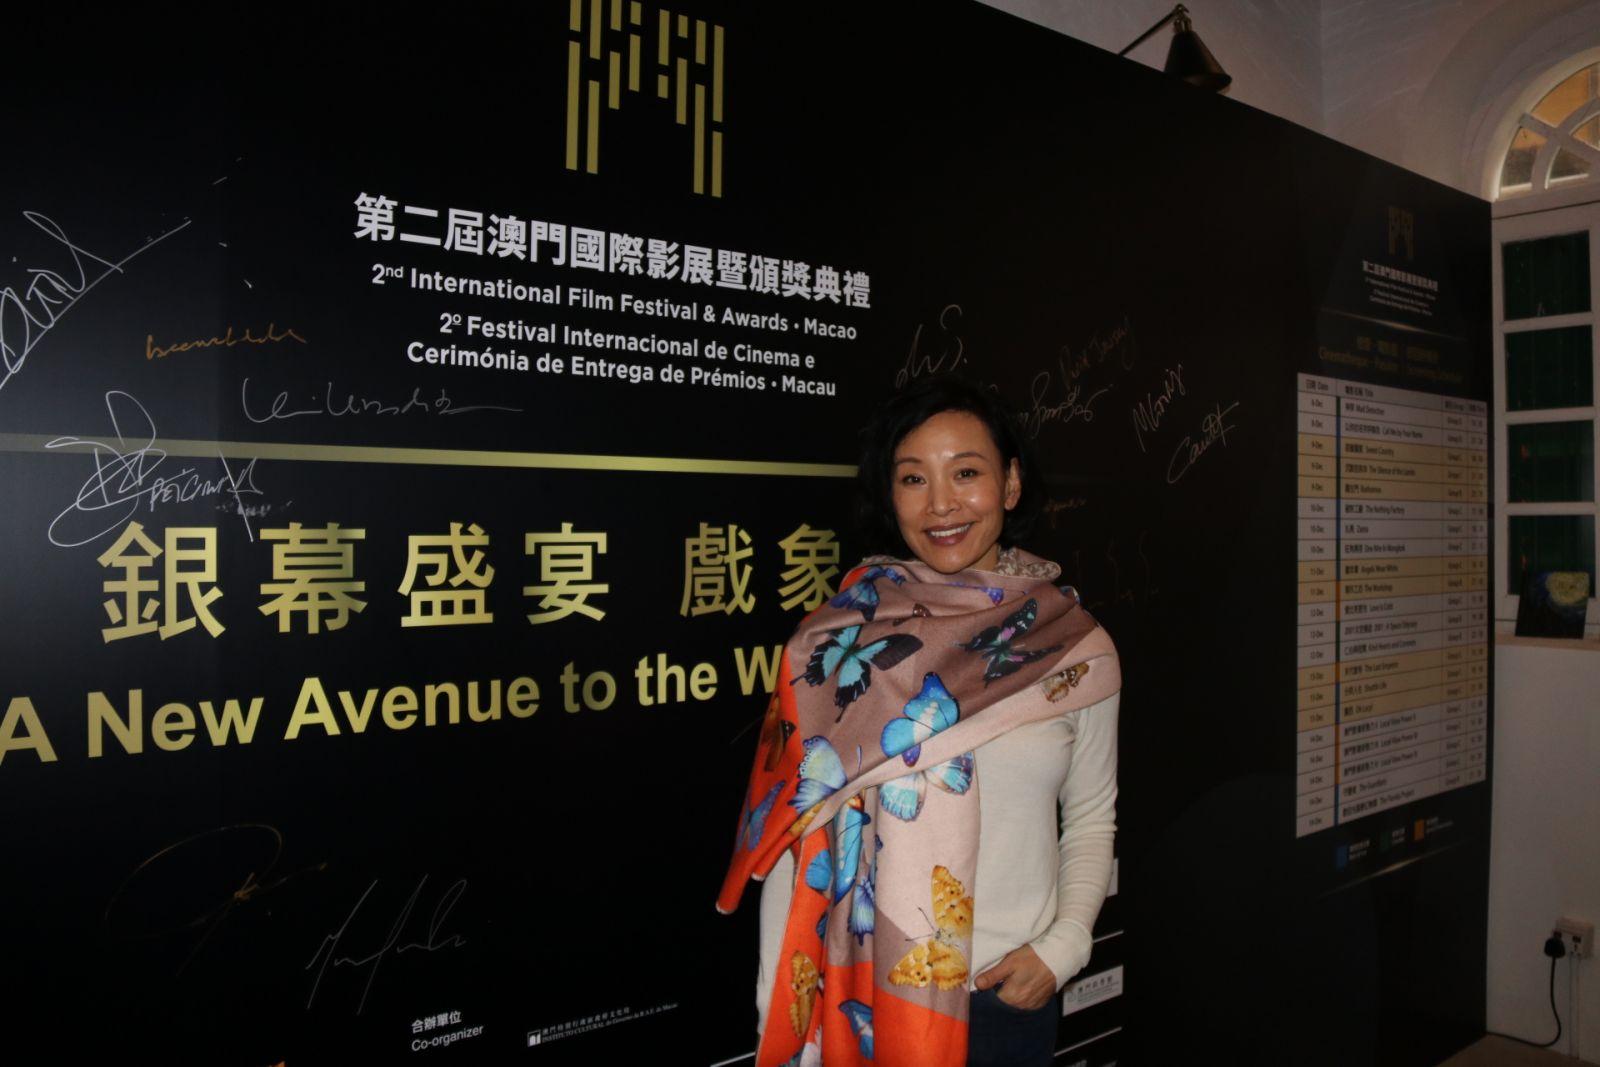 著名美籍華裔演員陳沖登台